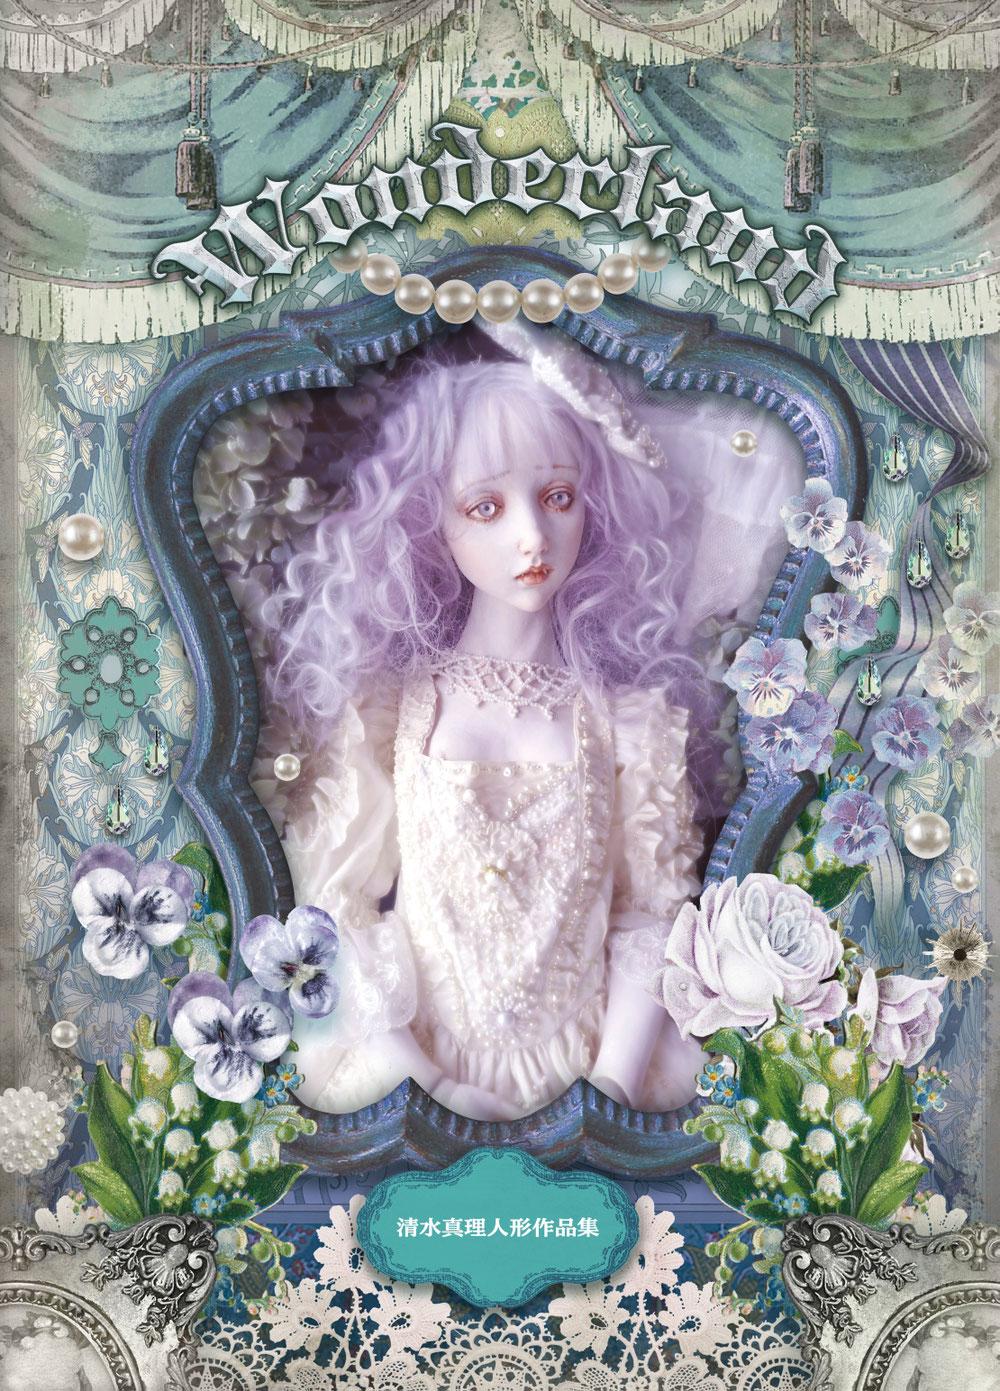 作品集「Wonderland」(アトリエサード刊)全国書店、Amazonにて販売中。